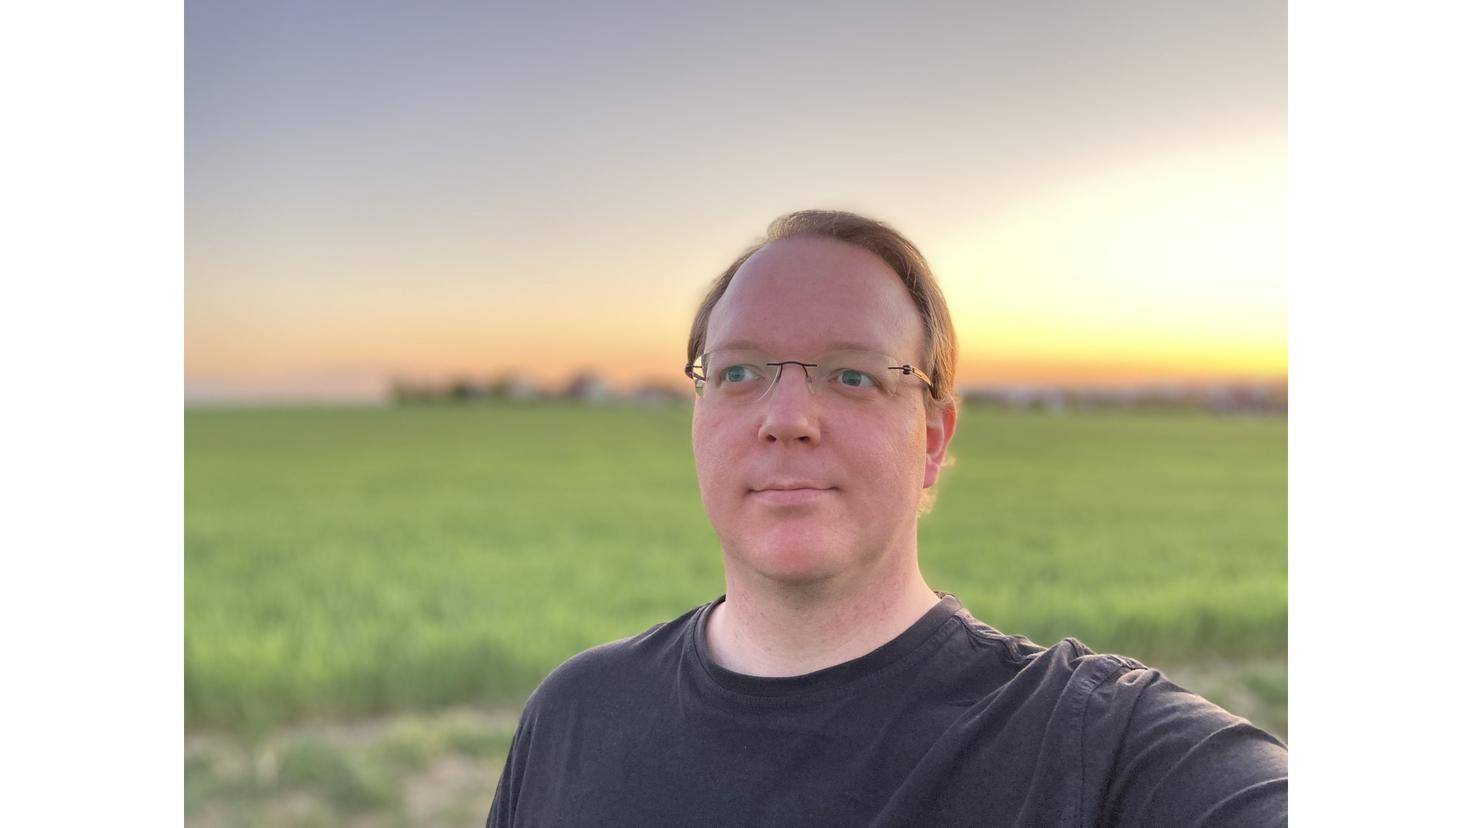 Bis zum Sonnenuntergang gelingen ordentliche Porträts mit der Hauptkamera.